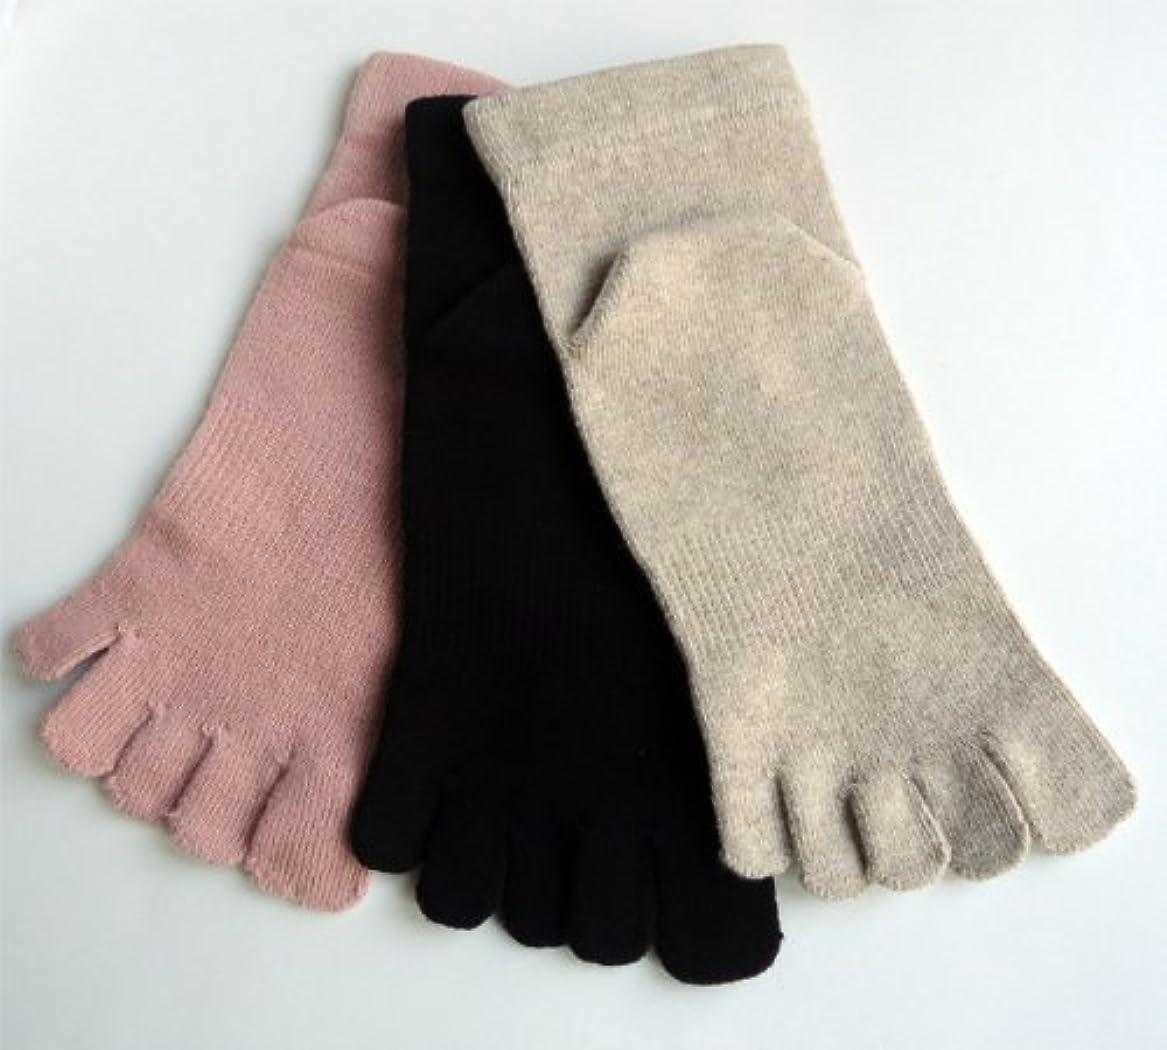 儀式穿孔するテメリティ日本製 5本指ソックス レディース 表綿100% 口ゴムゆったり 22-24cm 3色3足組